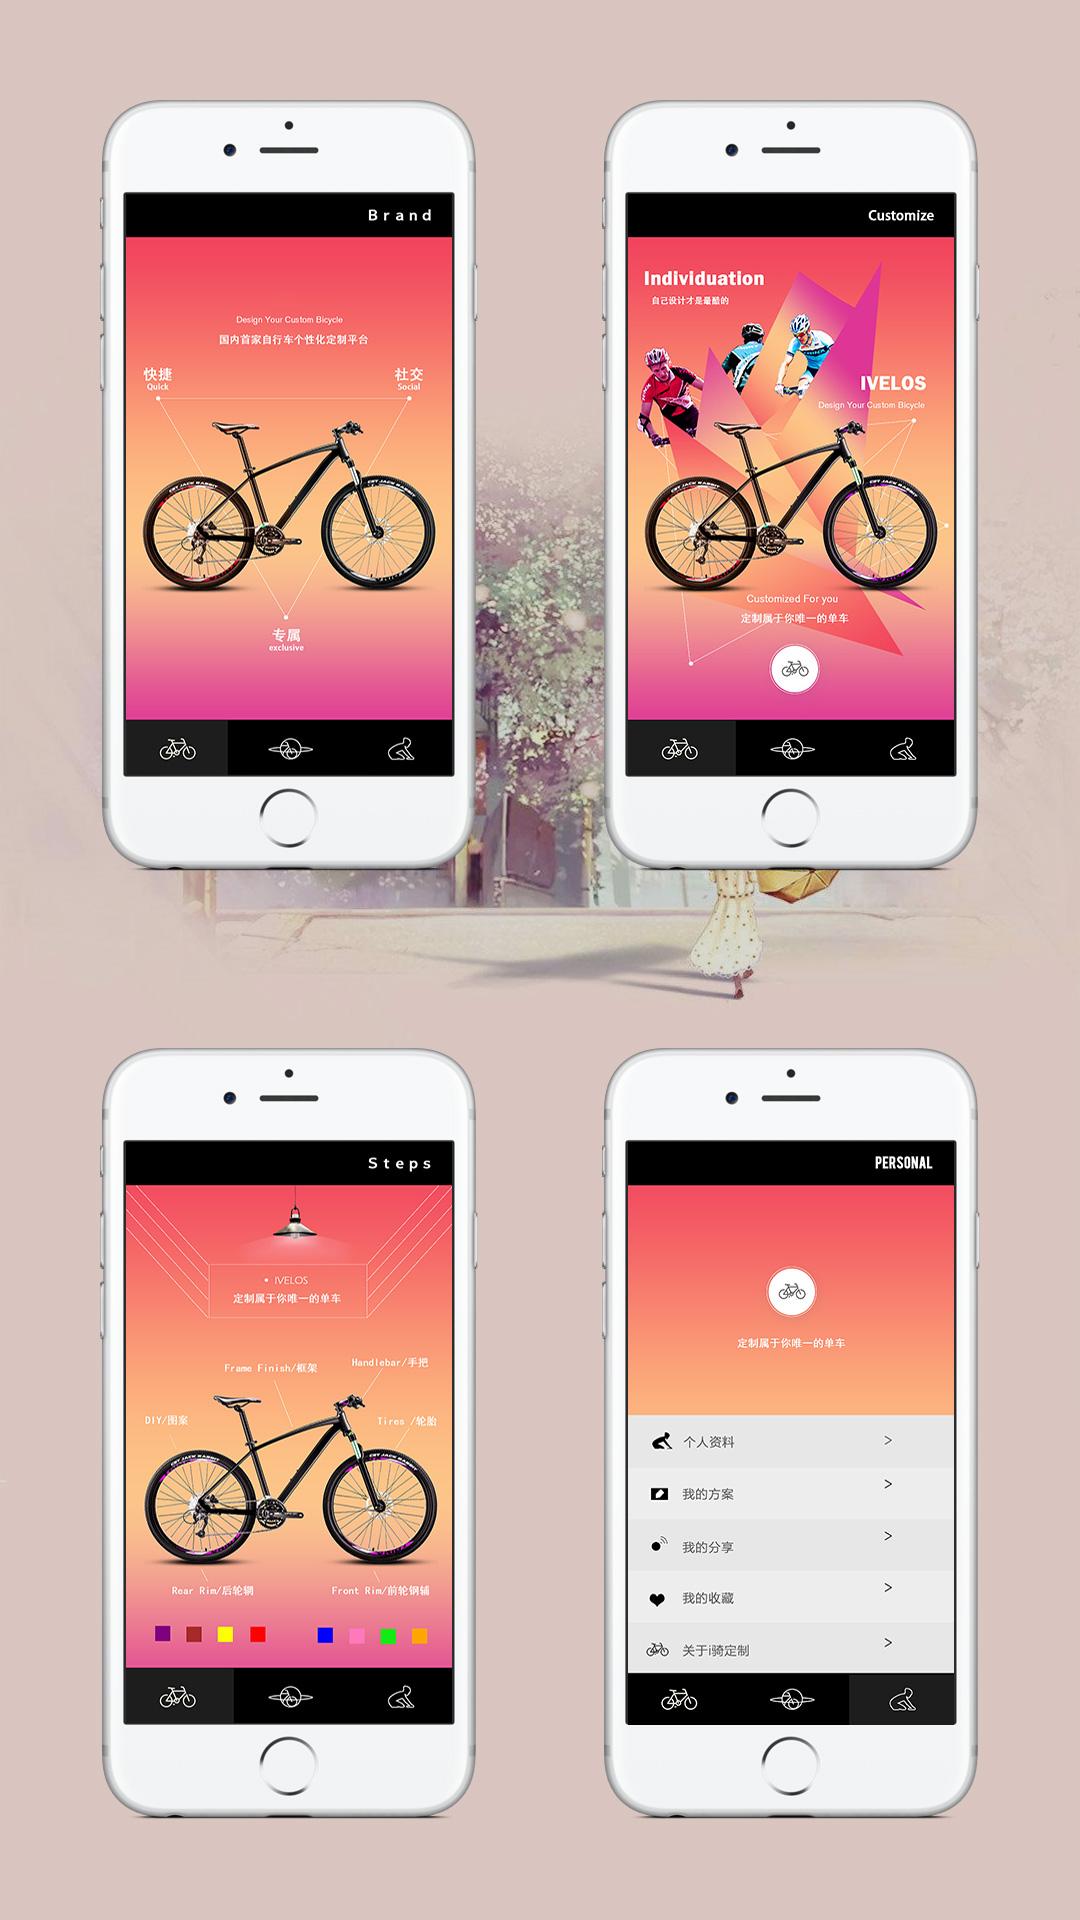 自行车定制APP案例UI效果图